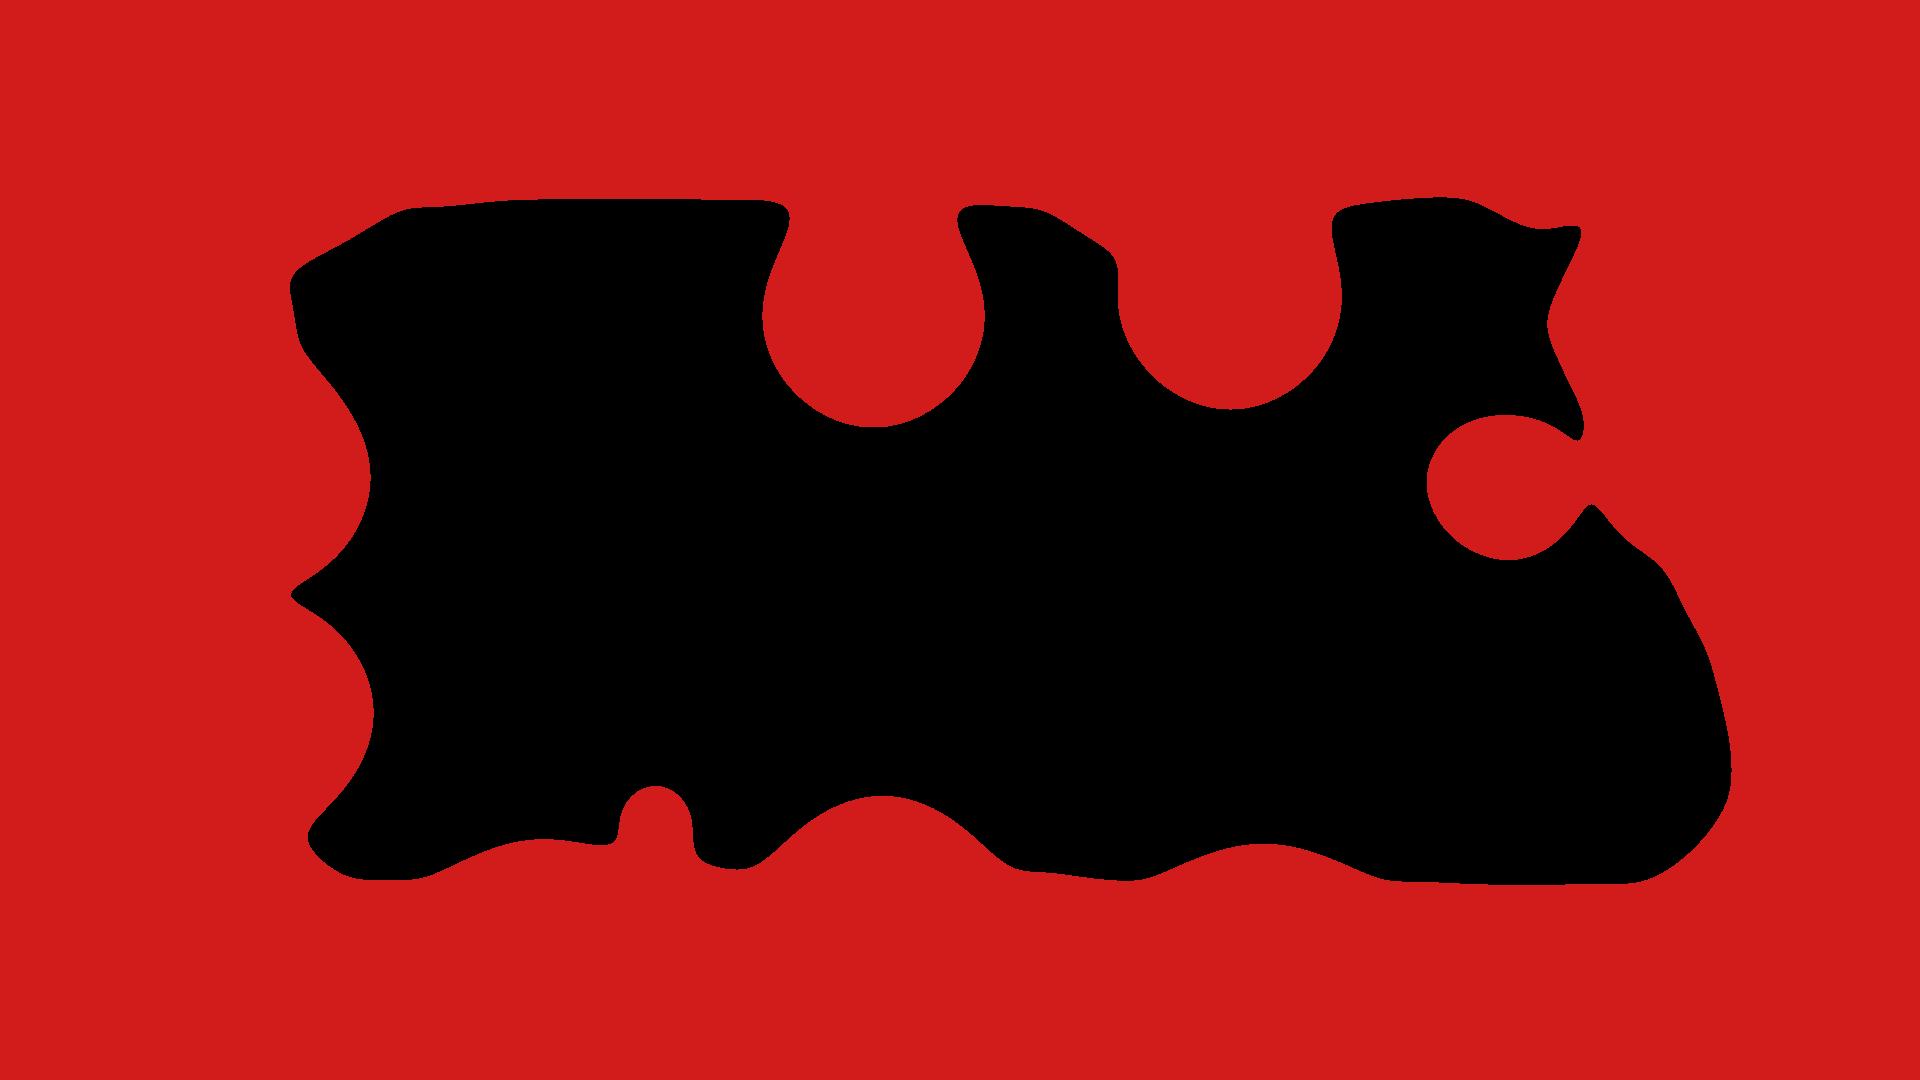 Damage Vignette